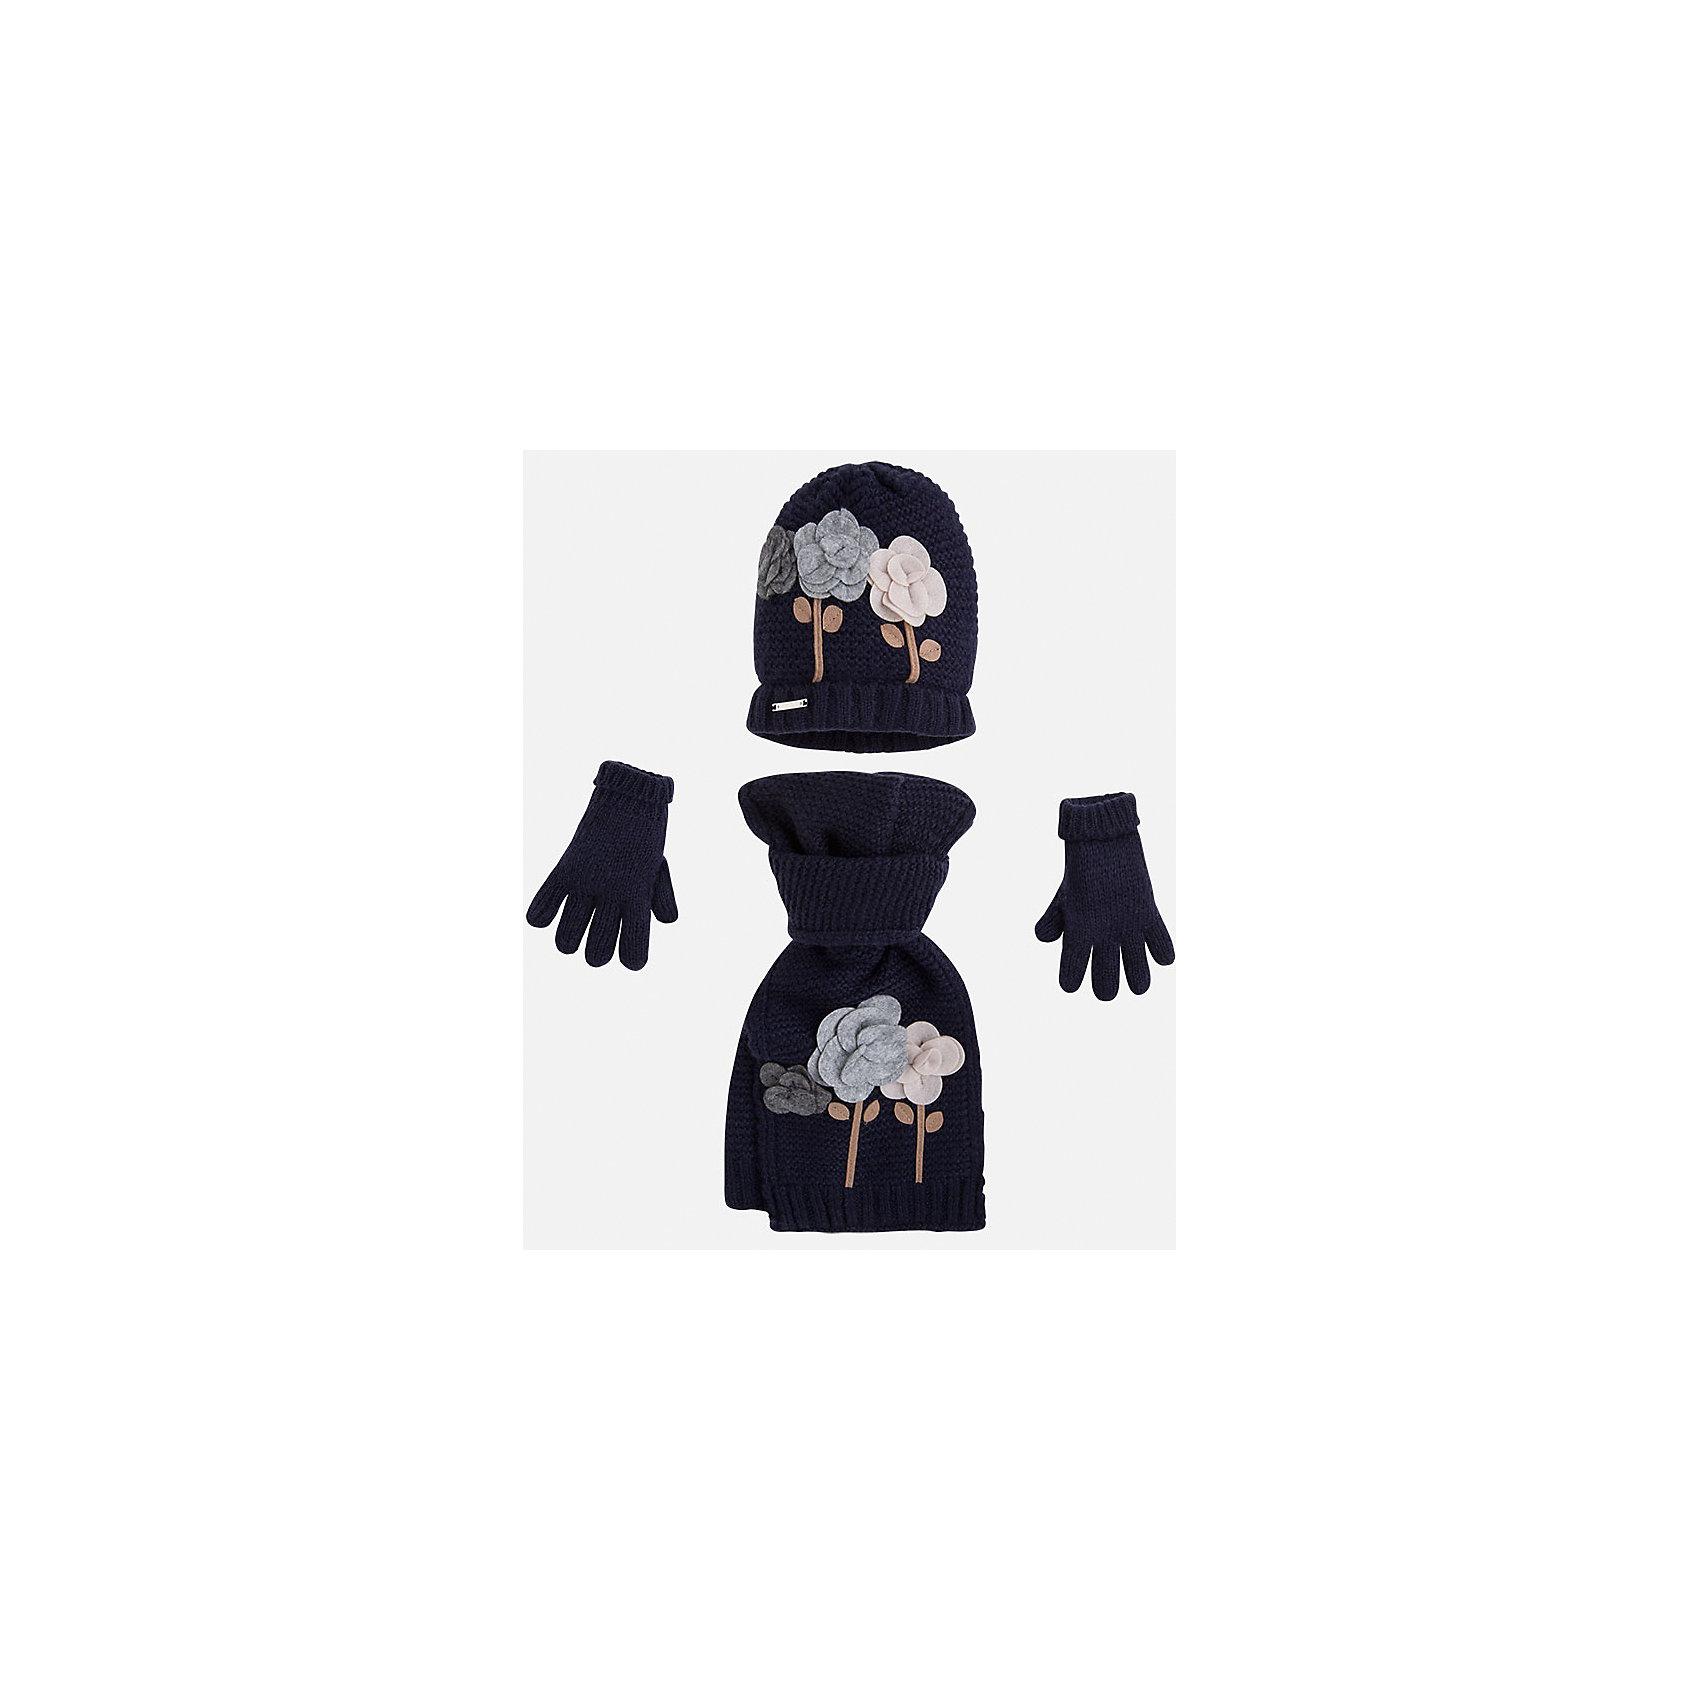 Комплект:шапка, шарф и перчатки для девочки MayoralКомплект: шапка, шарф и перчатки для девочки Mayoral от известного испанского бренда Mayoral. Вязаный комплект выполнен из акриловой пряжи с добавлением полиамида, что обеспечивает высокую износоустойчивость, сохранение формы и цвета даже при длительном использовании. Комплект выполнен в синем цвете рельефной вязкой:  на шапке и перчатках имеются отвороты из вязаной резинки. Шарф и шапка оформлены объемной аппликацией в форме разноцветных роз. <br><br>Дополнительная информация:<br><br>- Предназначение: повседневная одежда<br>- Комплектация: шапка, шарф, перчатки <br>- Цвет: темно-синий<br>- Пол: для девочки<br>- Состав: 87% акрил, 13% полиамид<br>- Сезон: осень-зима-весна<br>- Особенности ухода: стирка при температуре 30 градусов, разрешается химическая чистка, глажение <br><br>Подробнее:<br><br>• Для детей в возрасте: от 2 лет и до 9 лет<br>• Страна производитель: Китай<br>• Торговый бренд: Mayoral<br><br>Комплект: шапка, шарф и перчатки для девочки Mayoral (Майорал) можно купить в нашем интернет-магазине.<br><br>Ширина мм: 89<br>Глубина мм: 117<br>Высота мм: 44<br>Вес г: 155<br>Цвет: синий<br>Возраст от месяцев: 48<br>Возраст до месяцев: 72<br>Пол: Женский<br>Возраст: Детский<br>Размер: 52-54,54-56,48-50<br>SKU: 4847770